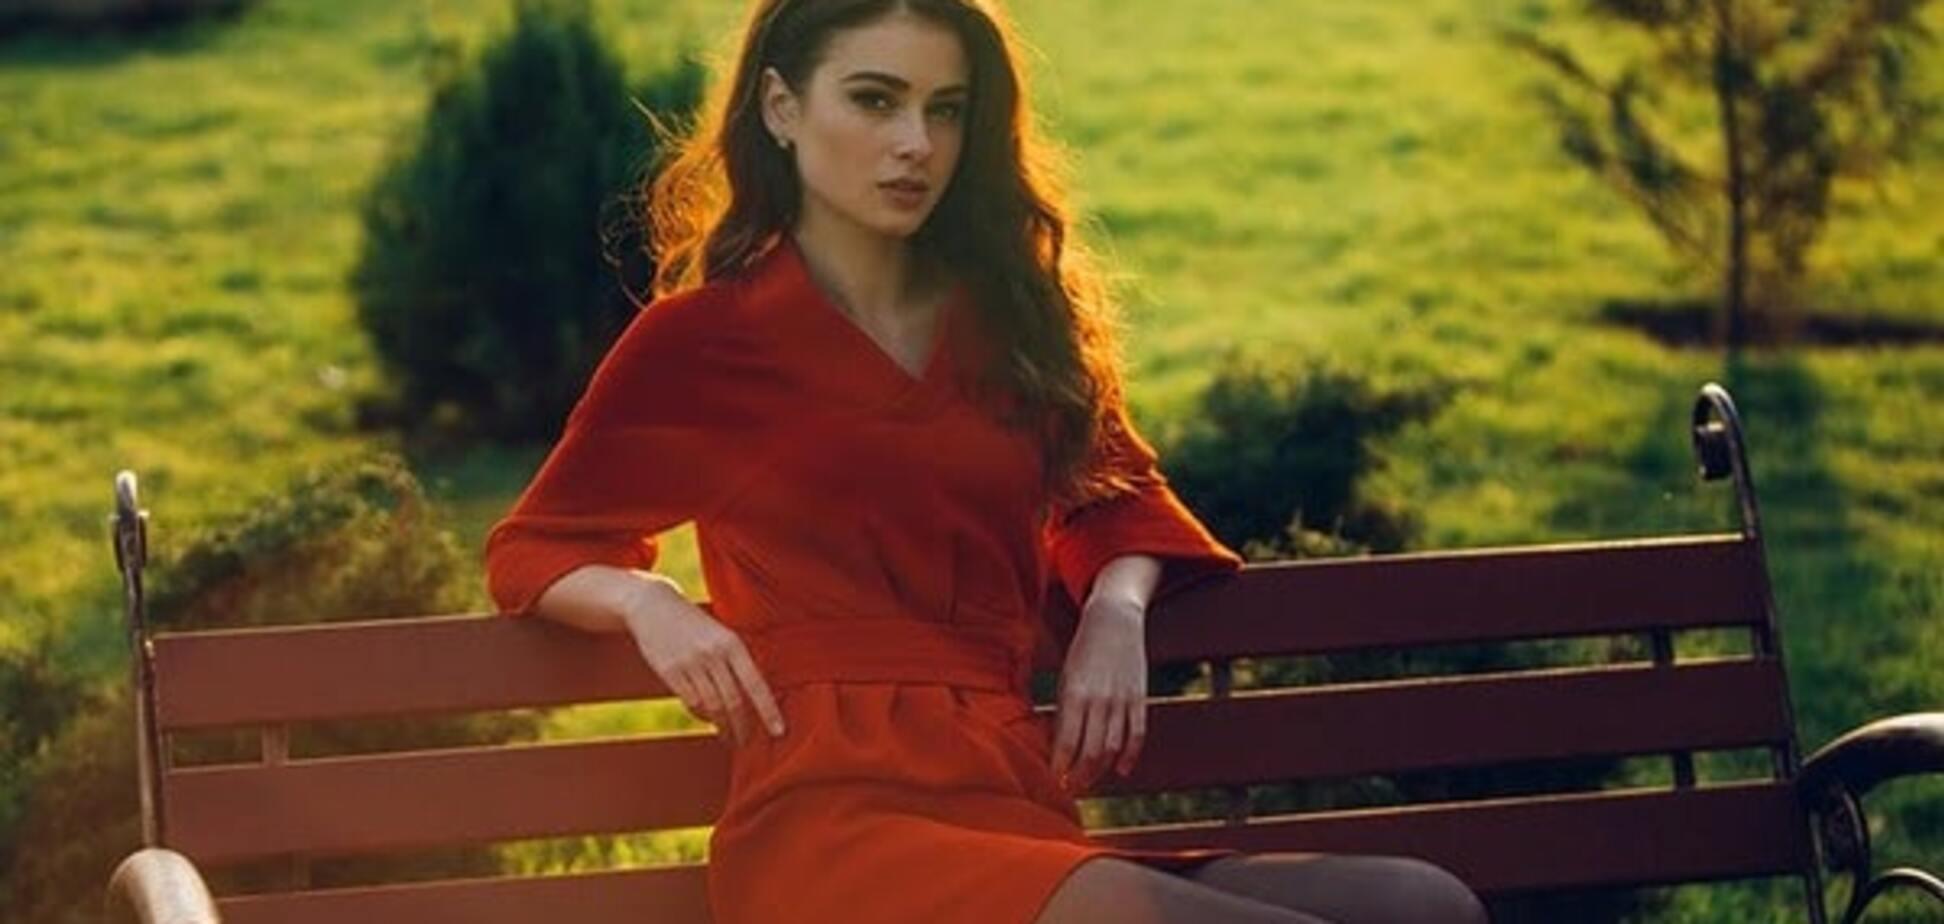 Мисс Украина-2015 откроет показ известного дизайнера